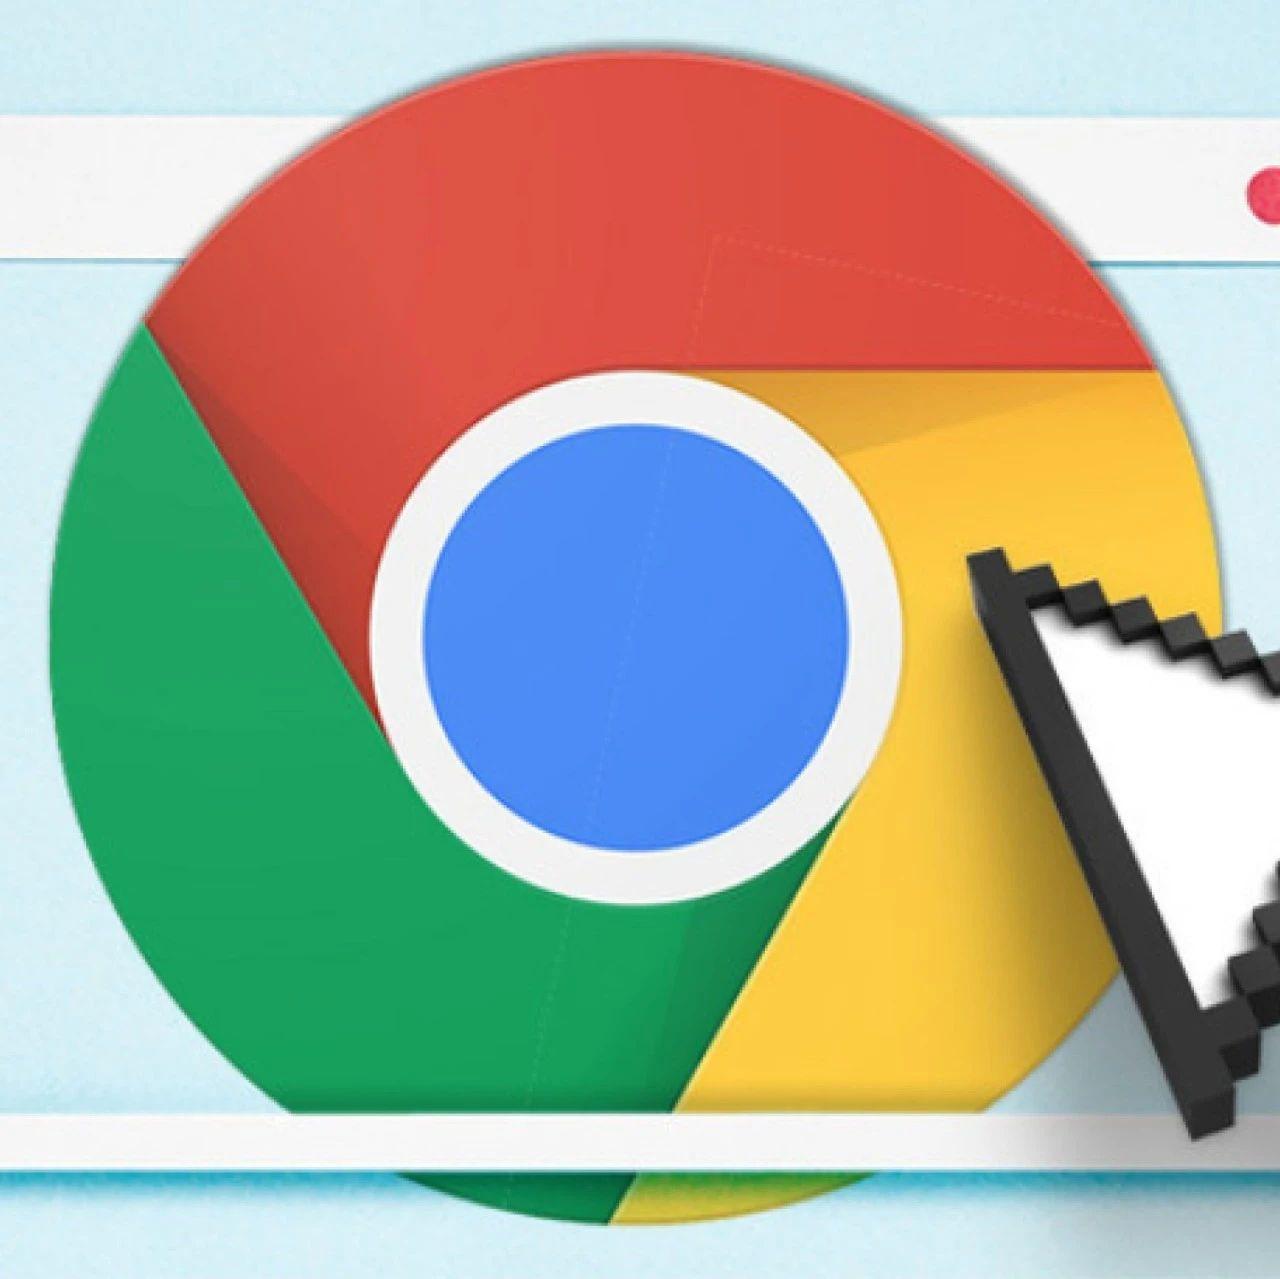 谷歌正在着手解决 Chrome 占用过多内存和耗电的问题